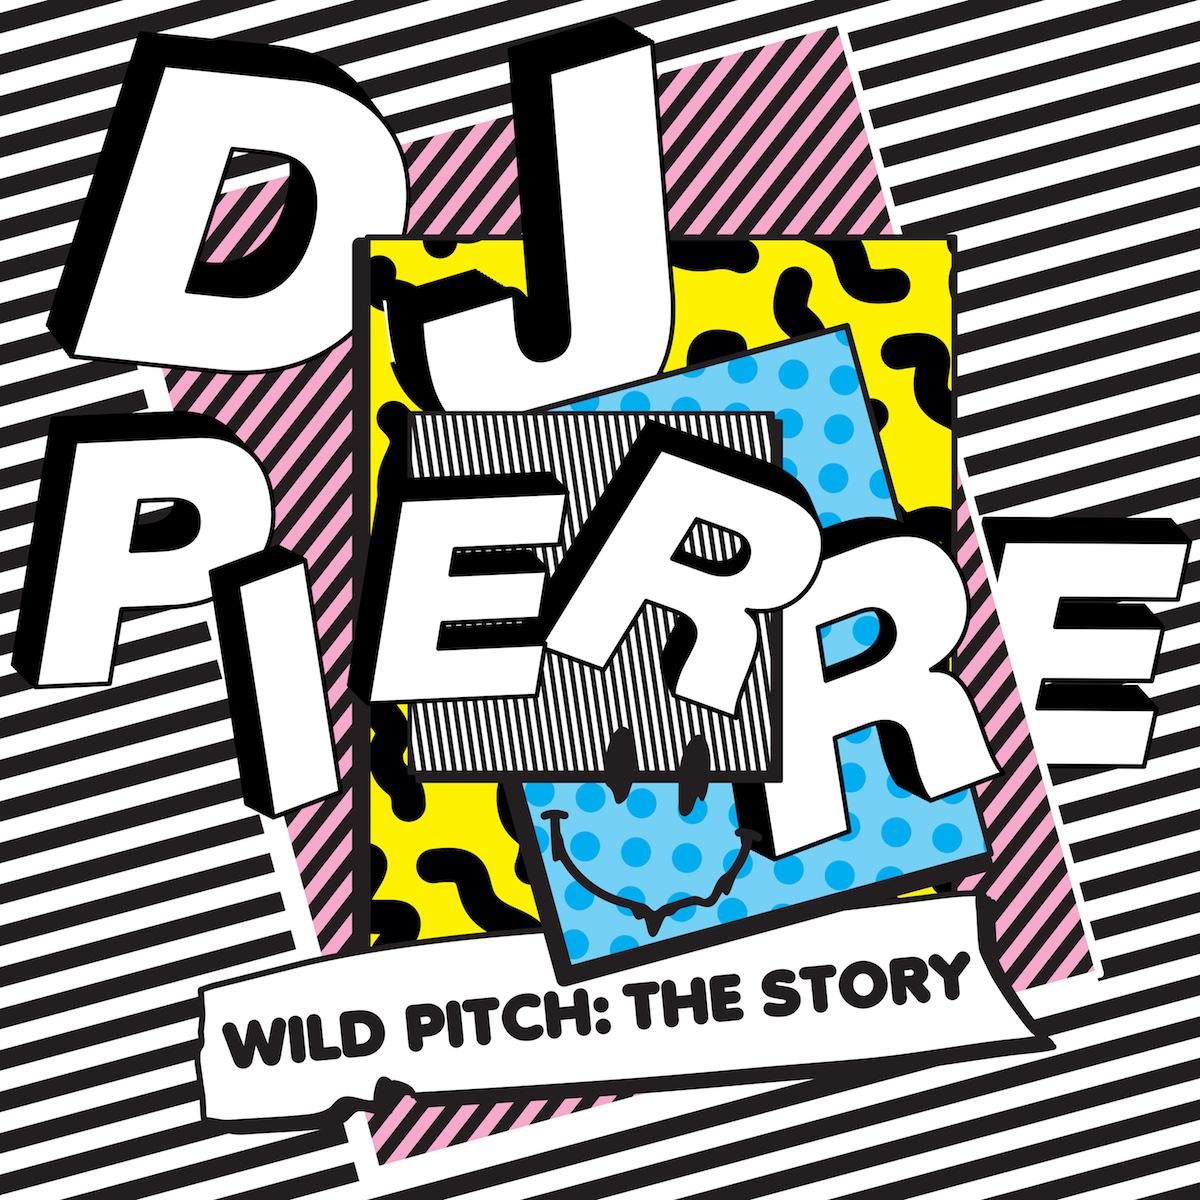 DJ Pierre - Wild Pitch: The Story